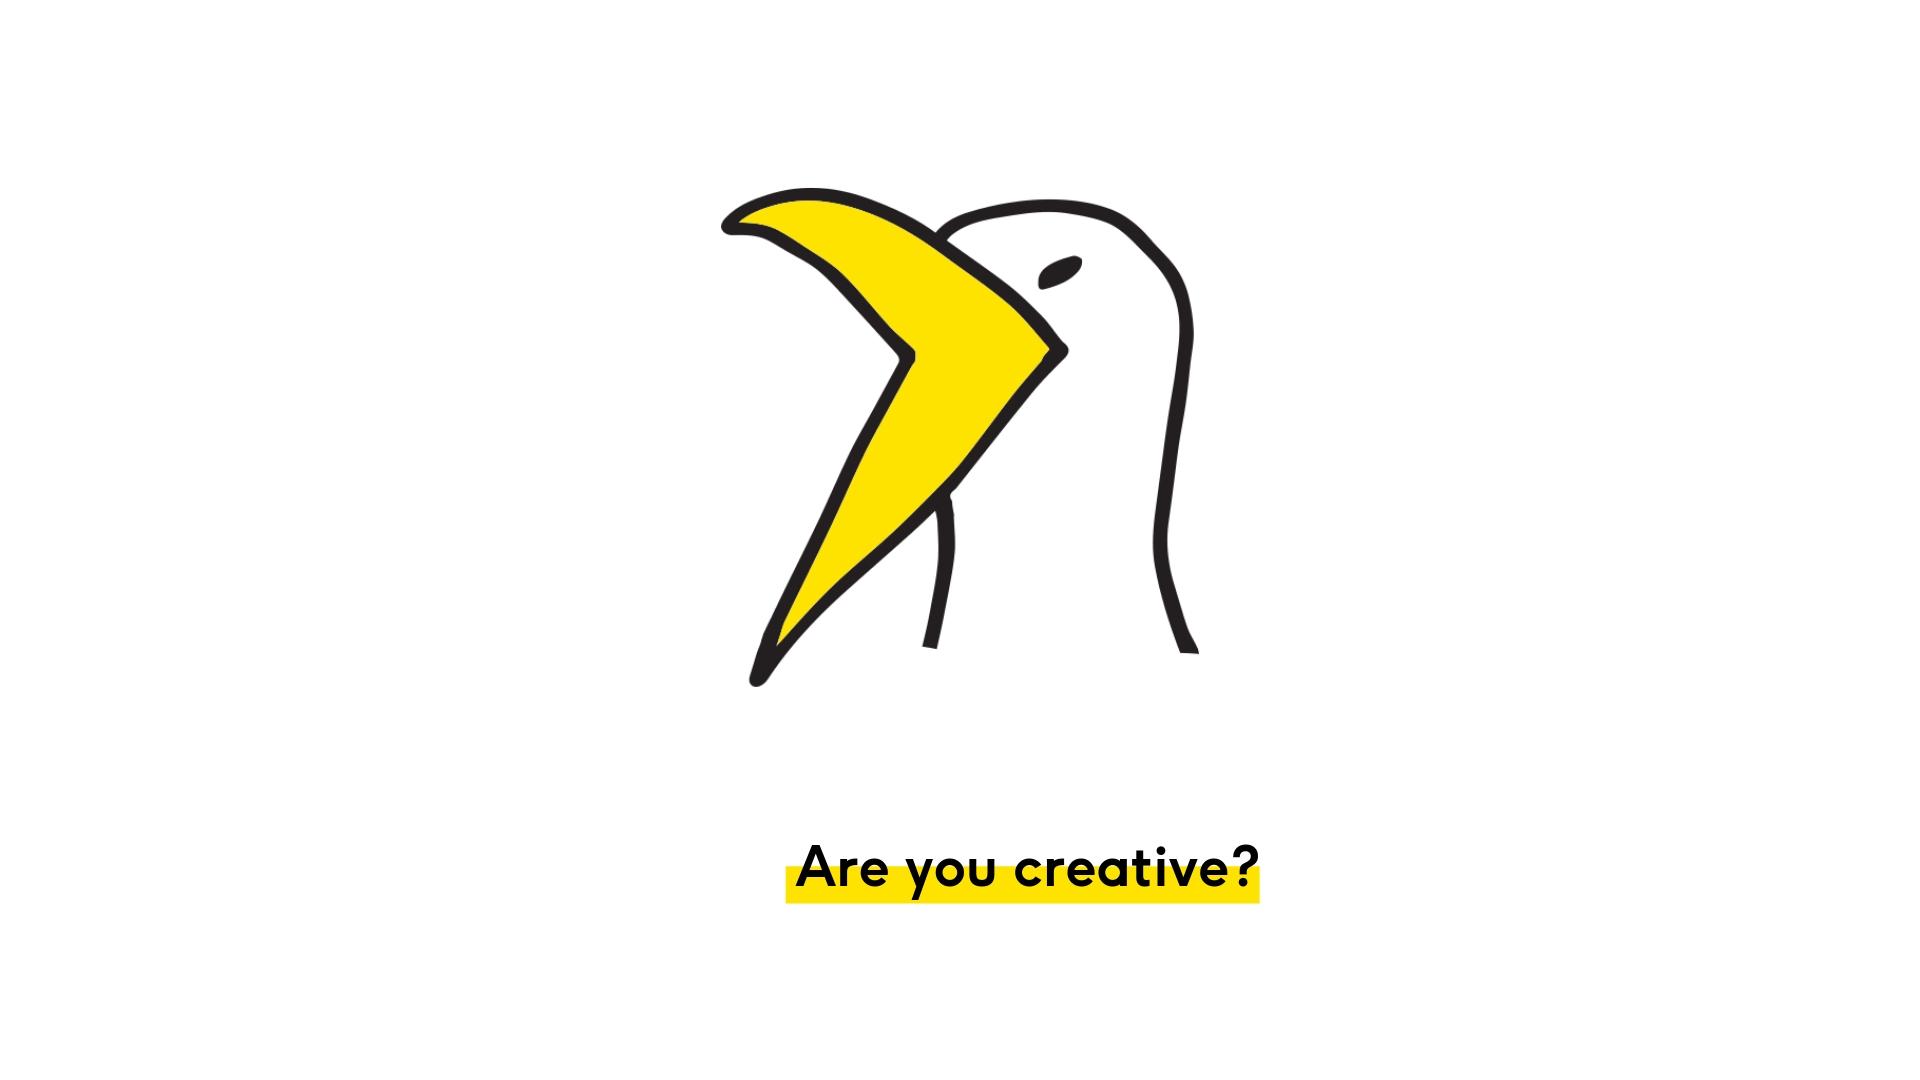 The worthing & beyond logo